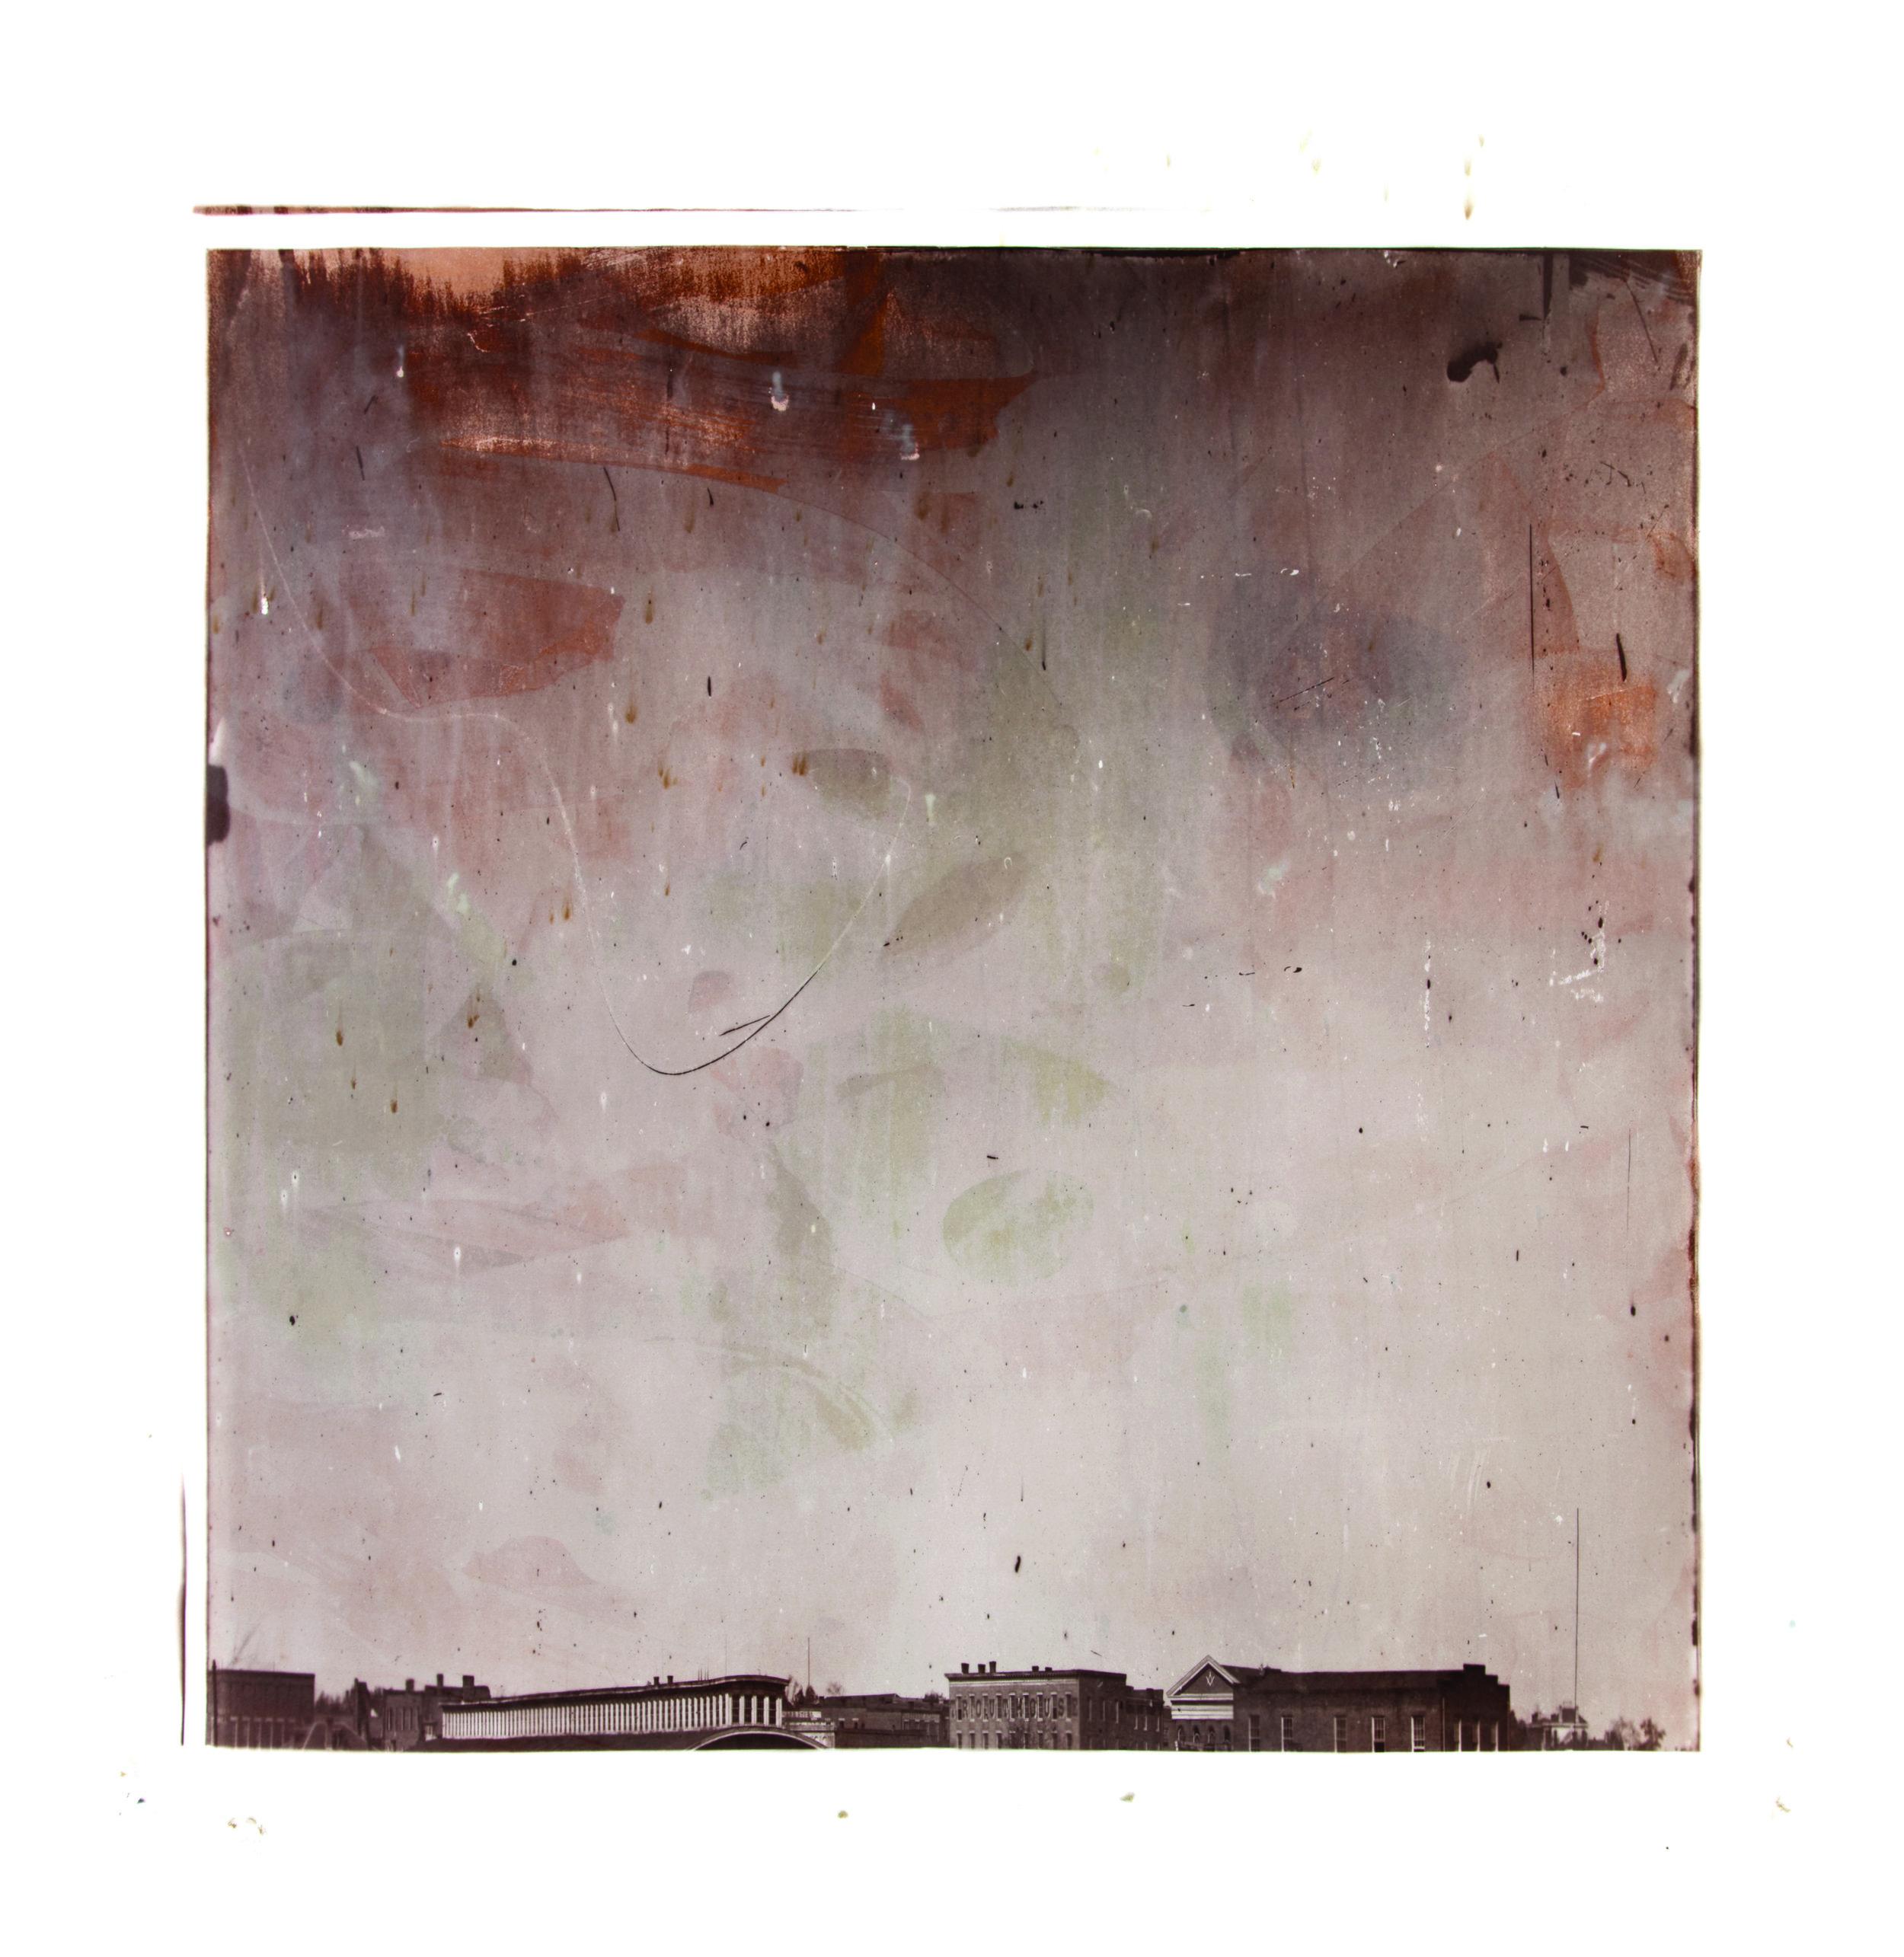 1864, 03475a1  2017  peaches, eggs, salt, sugar, flour, cinnamon, butter,  and silver nitrate on paper (albumen print)  45 x 45 inches